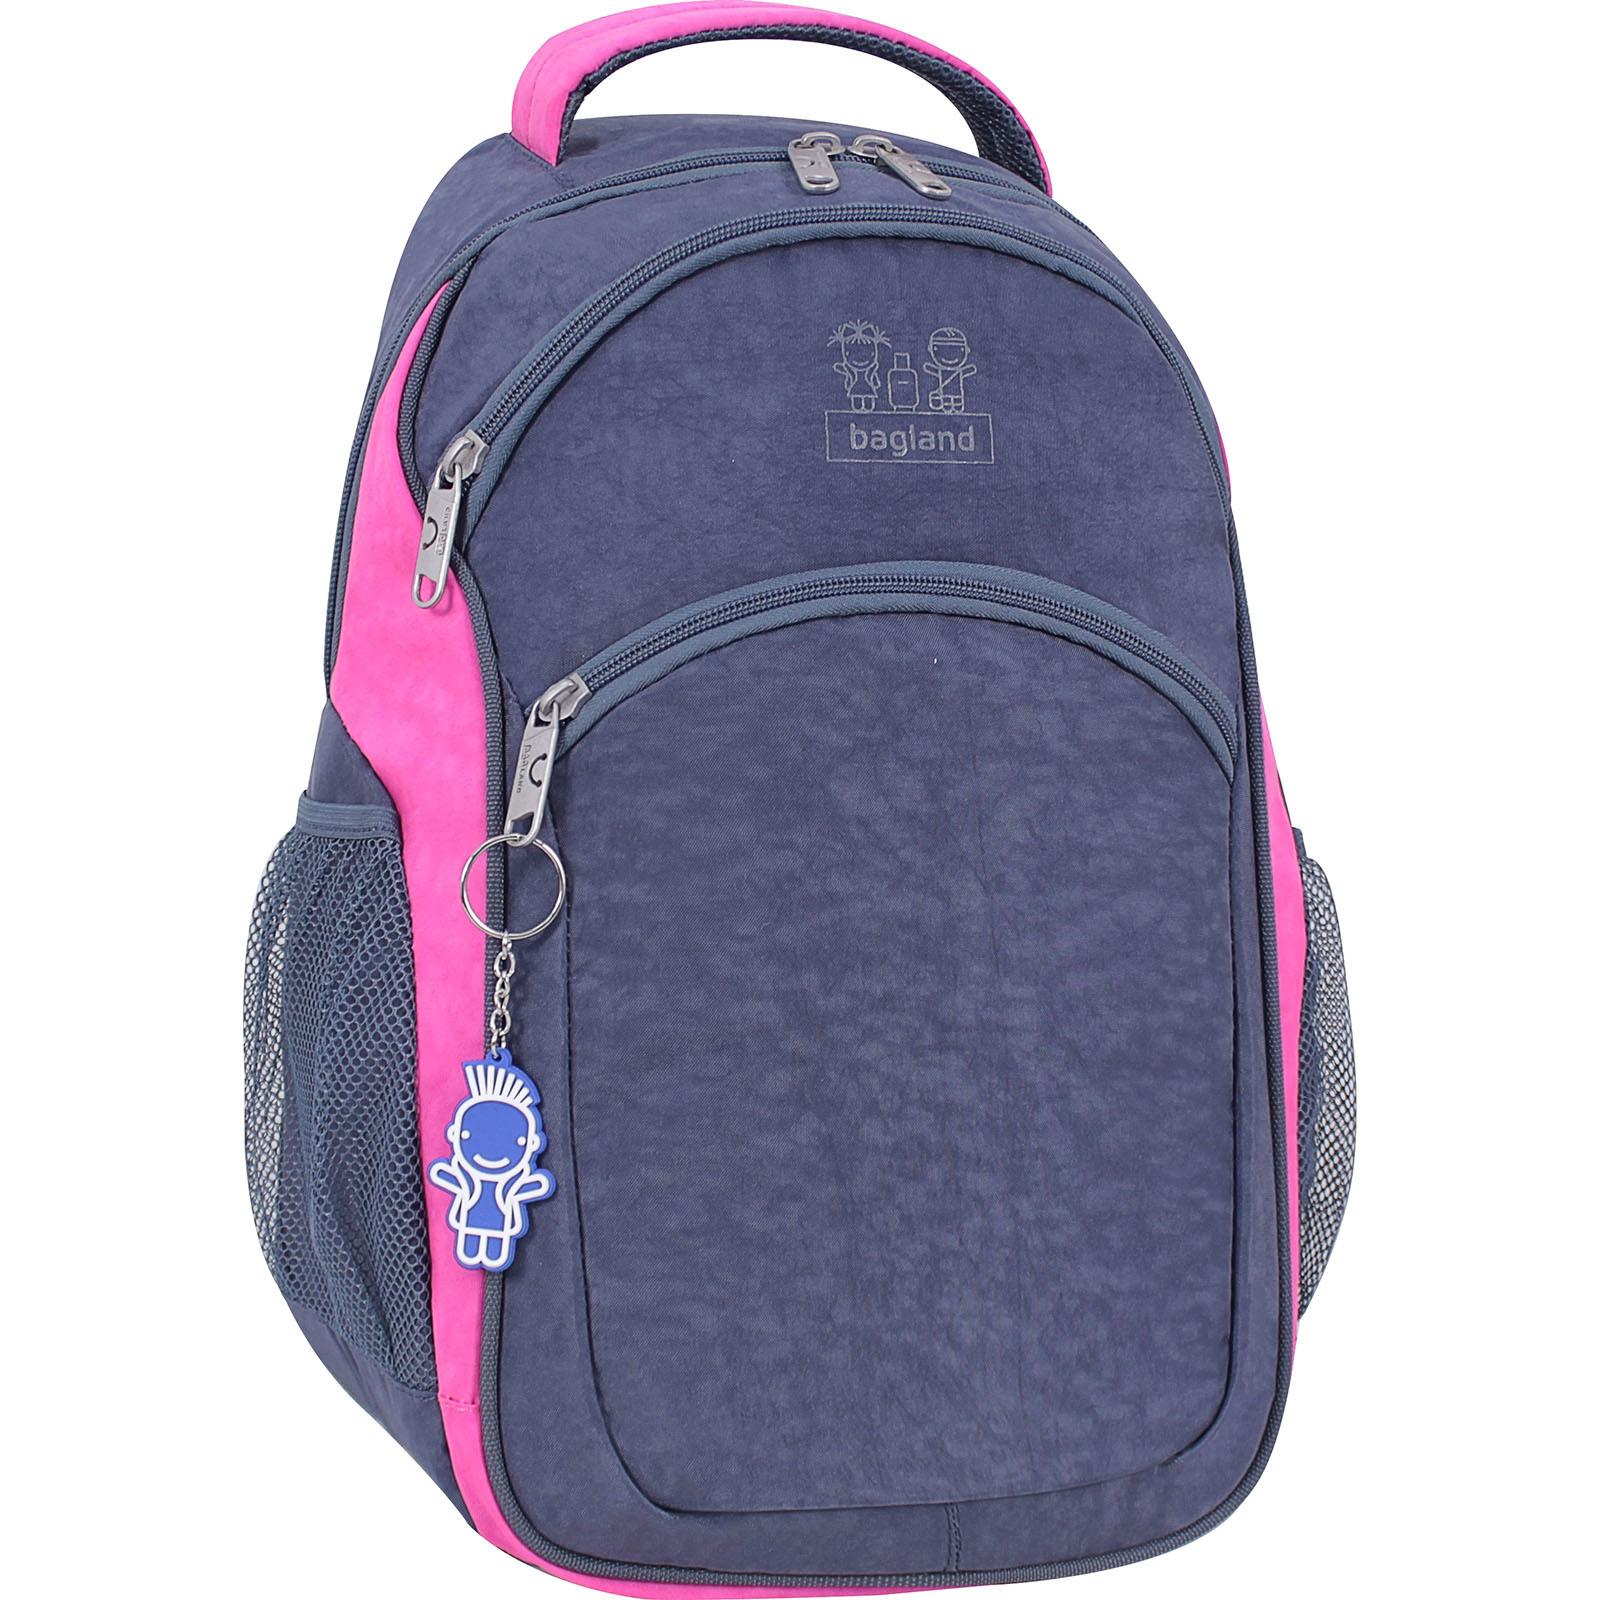 Городские рюкзаки Рюкзак Bagland Лик 21 л. Серый/розовый (0055770) IMG_3497.jpg